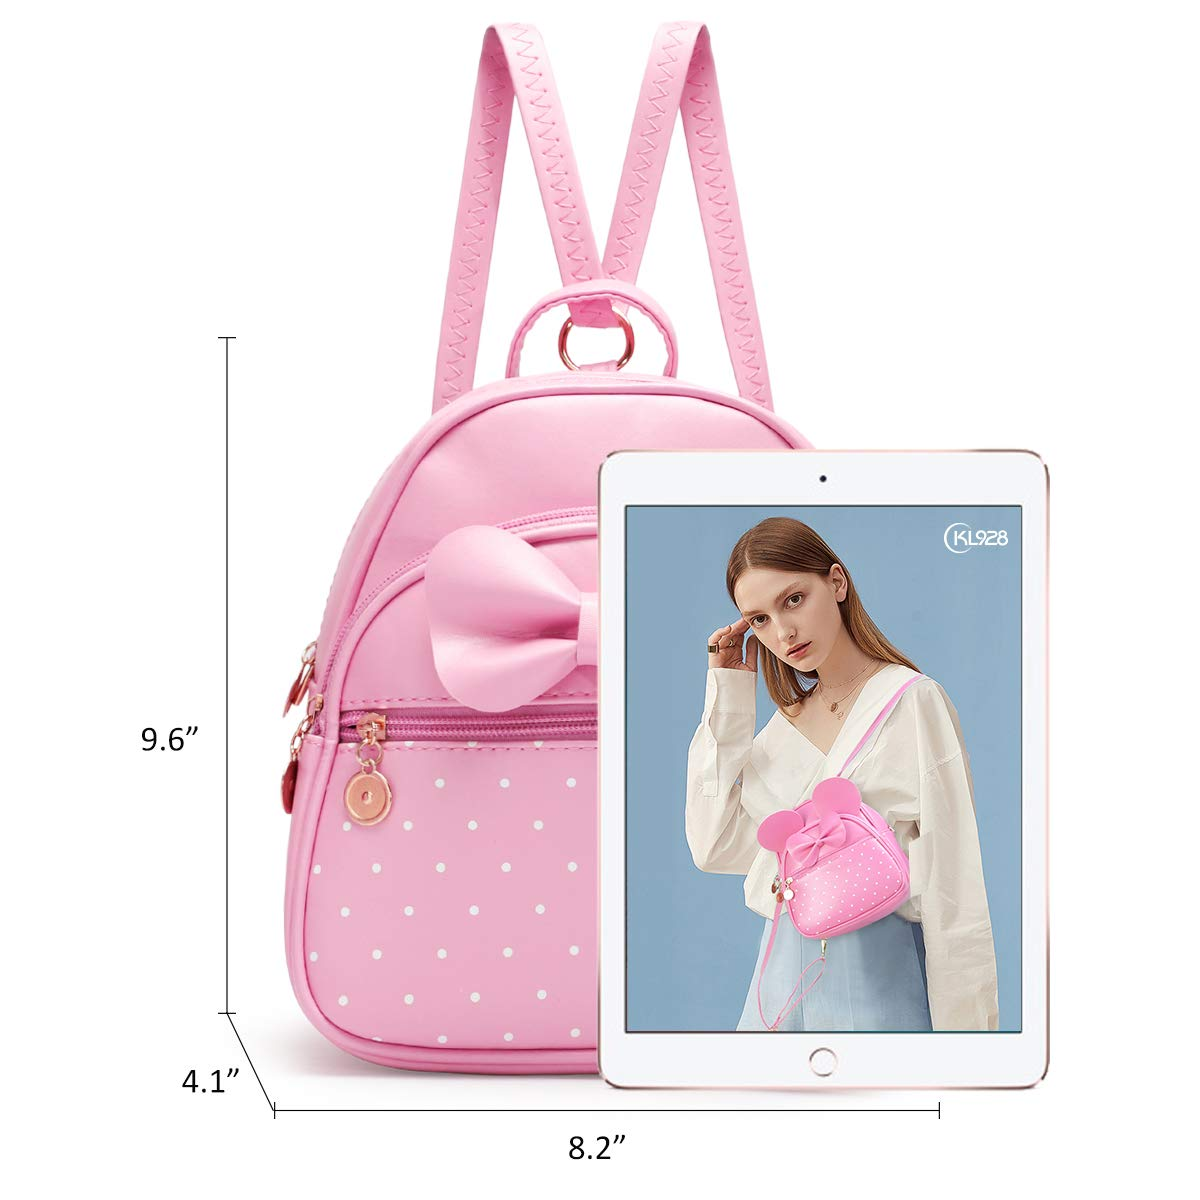 KL928 mini ryggsäck dam ledig barnryggsäck ryggsäckar liten baby ryggsäck dagis liten med rosett ryggsäck barn PU-läder för barn och flickor 848-01-rosa